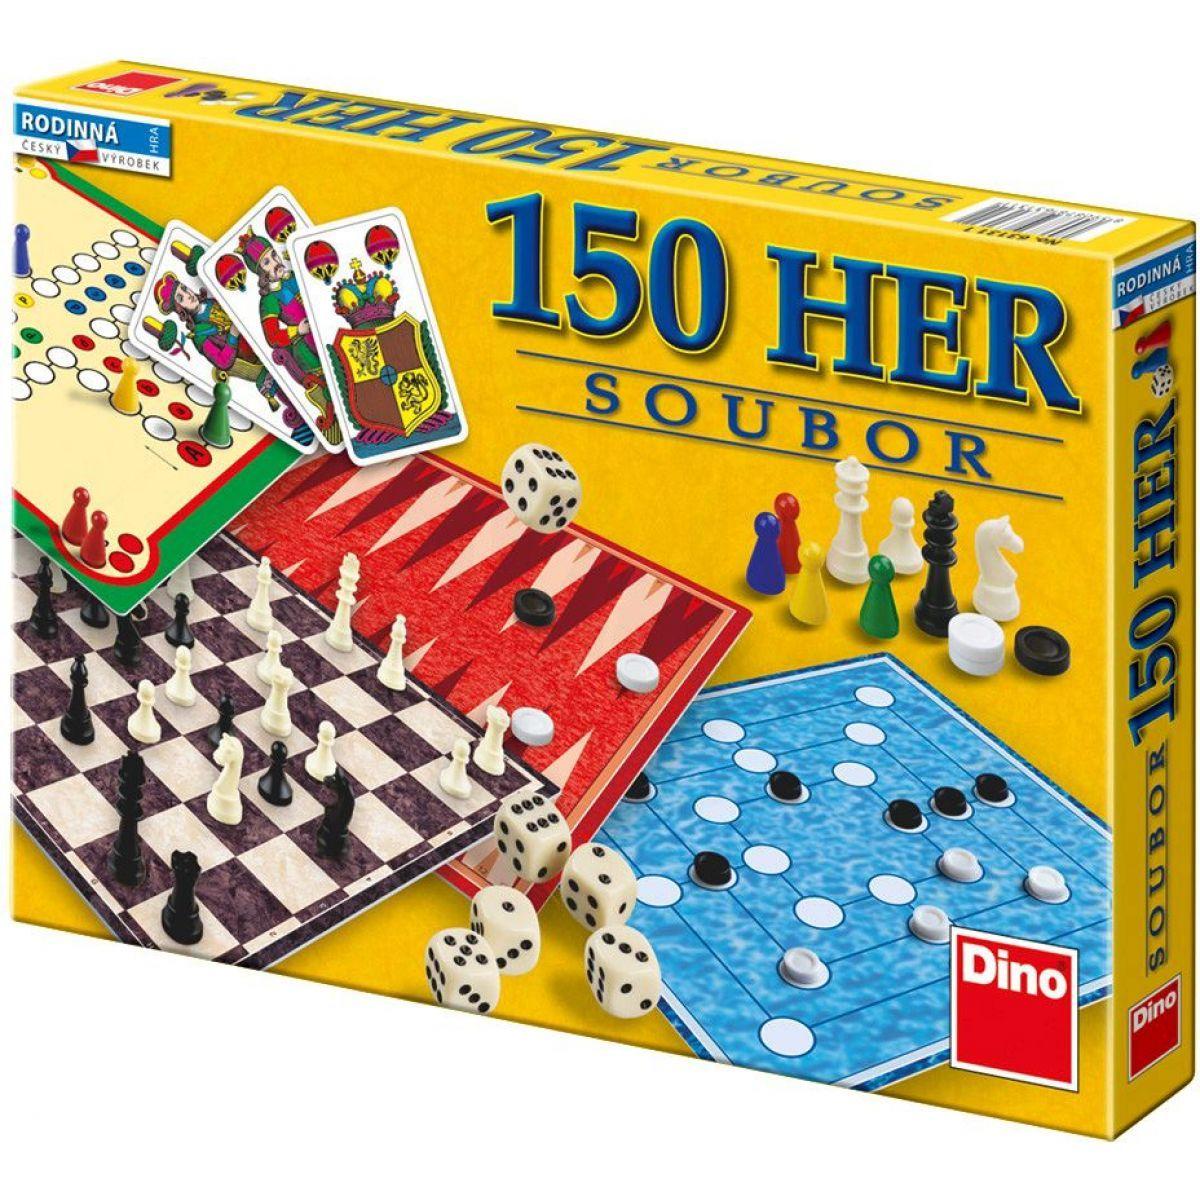 DINO 631311 - Soubor her (150 her v krabici)